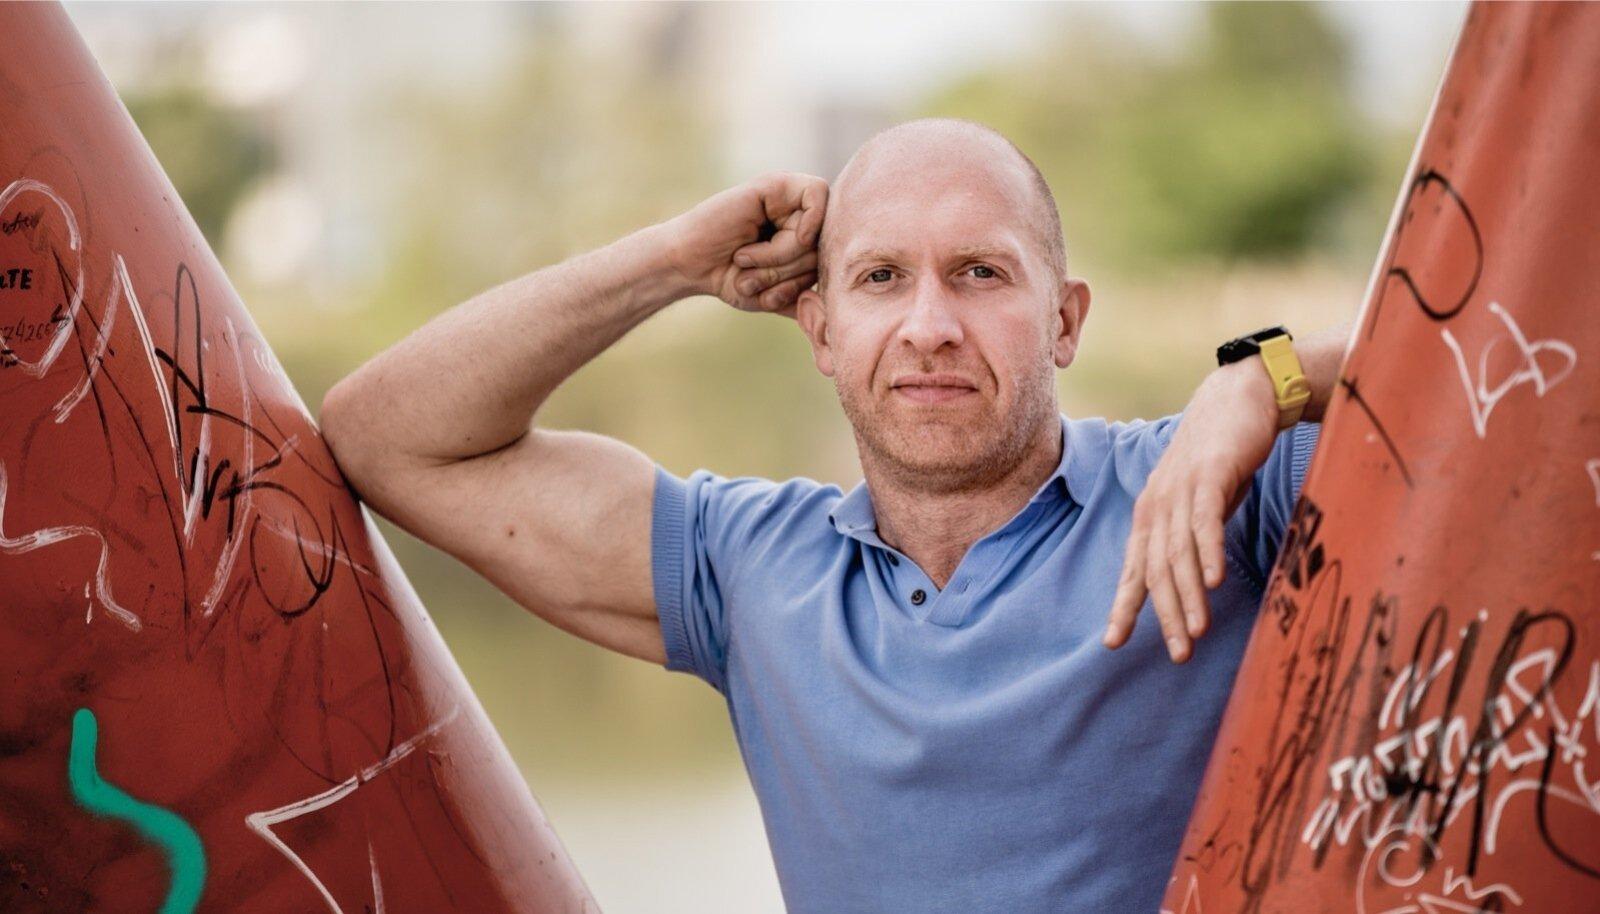 """""""Olen piisavalt edukas, sest saan teha seda, mida tahan ja millal tahan,"""" ütleb  Erik Orgu oma elujärje kohta."""